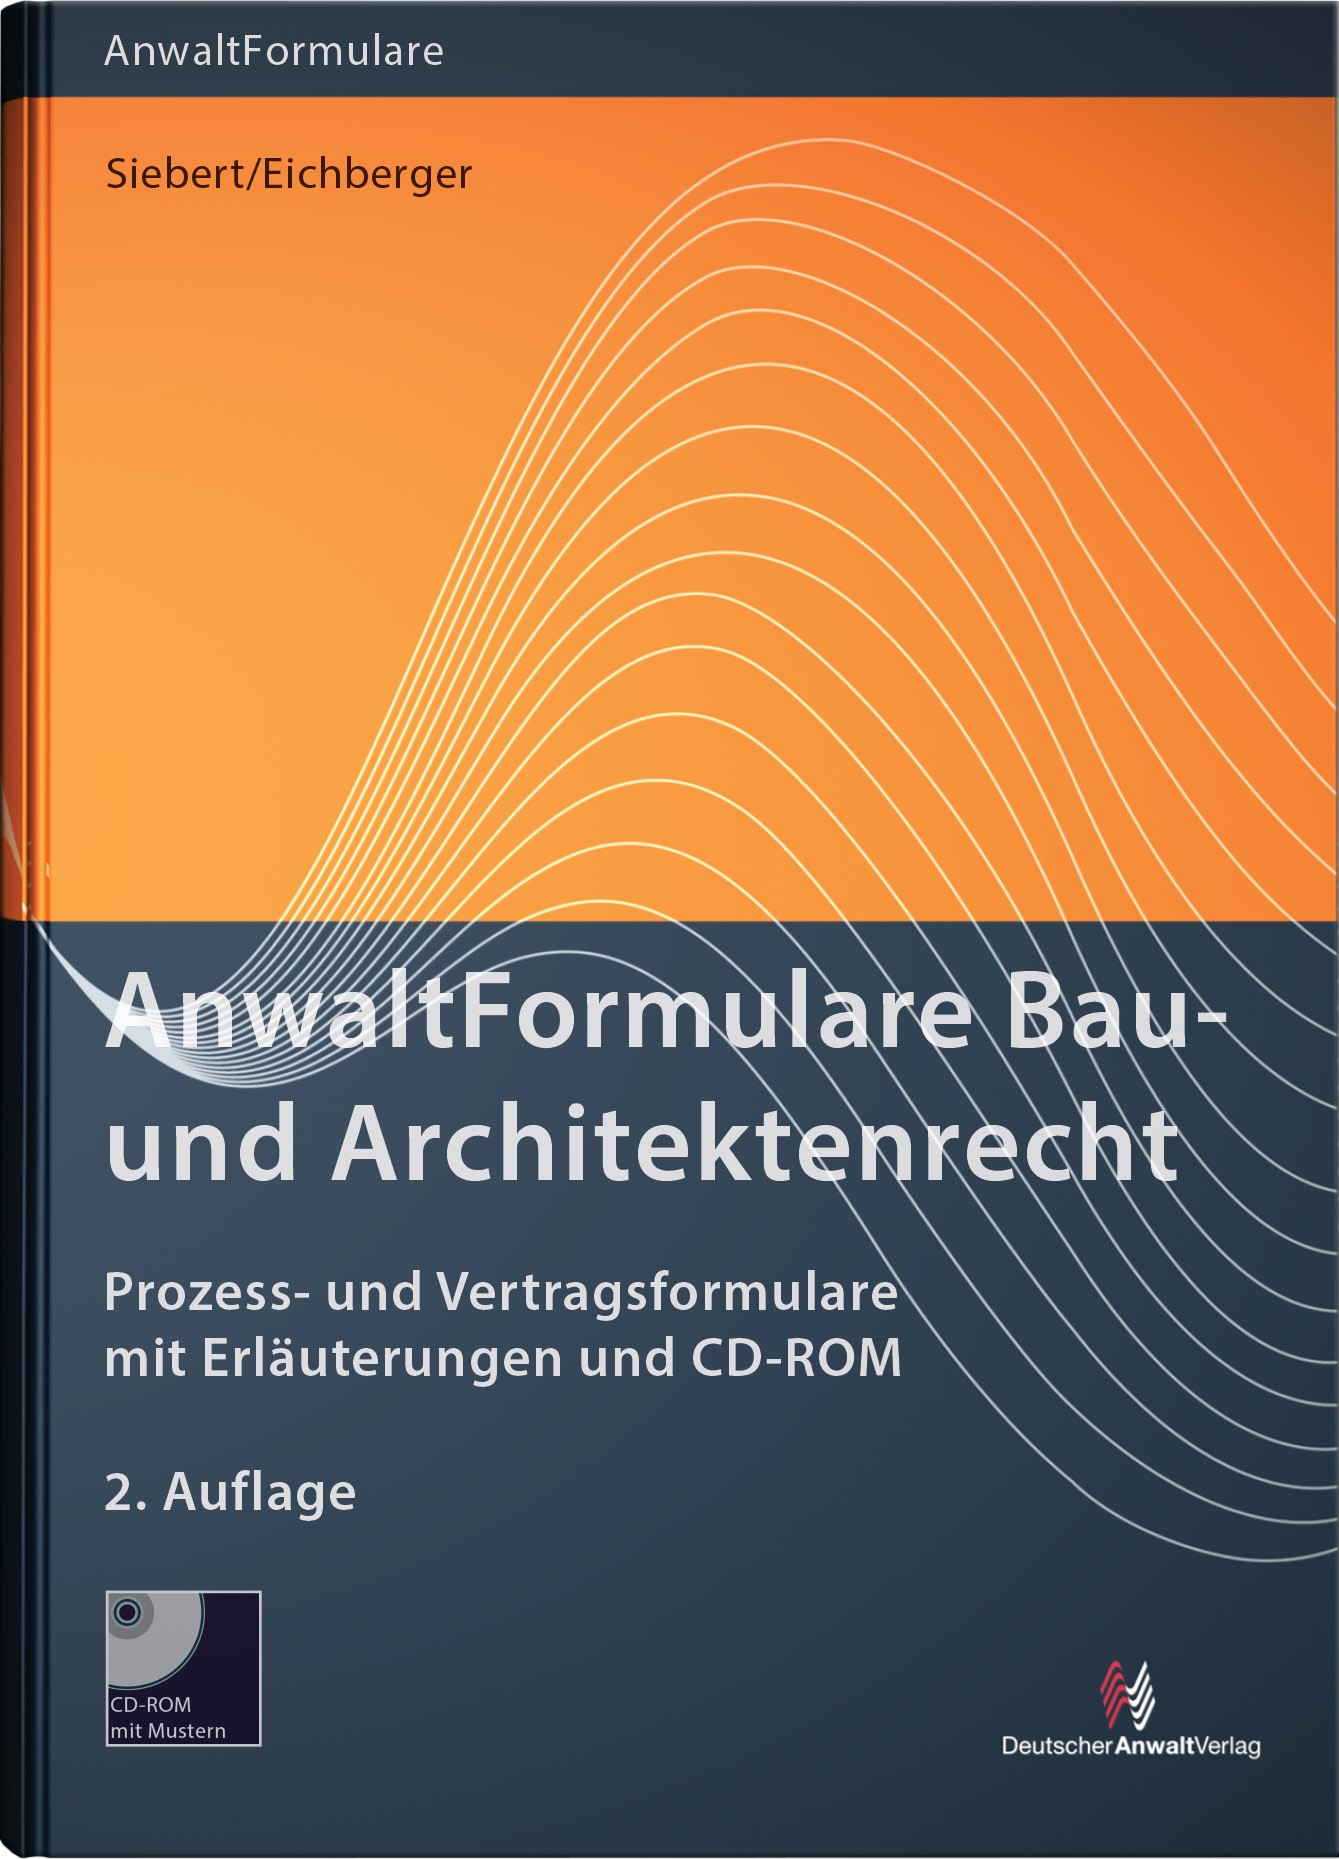 AnwaltFormulare Bau- und Architektenrecht | Siebert / Eichberger (Hrsg.) | 2. Auflage, 2014 (Cover)